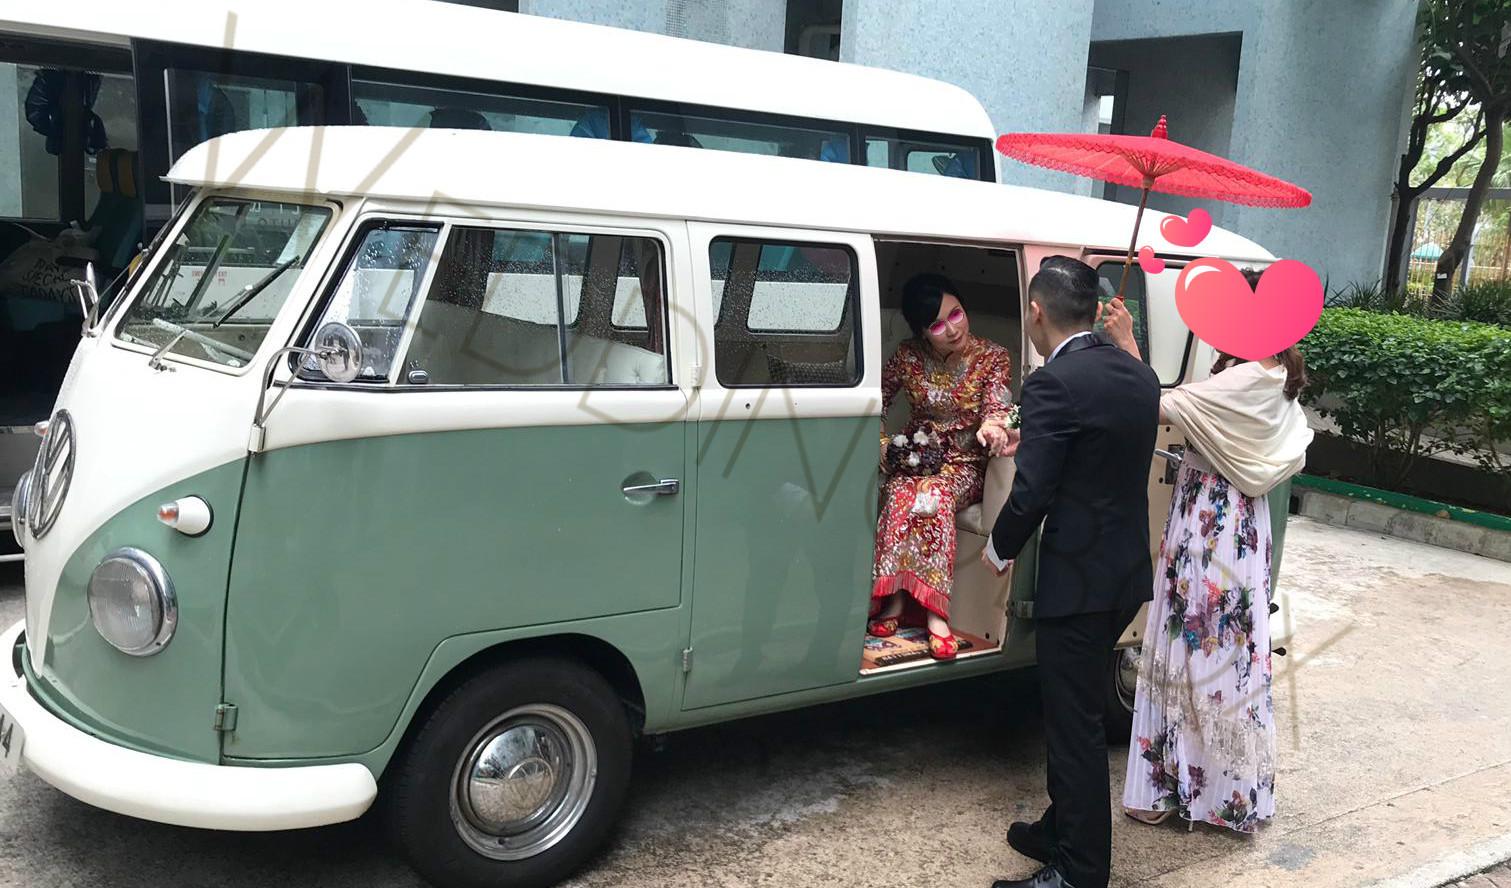 Volkswagen-淺綠-vw